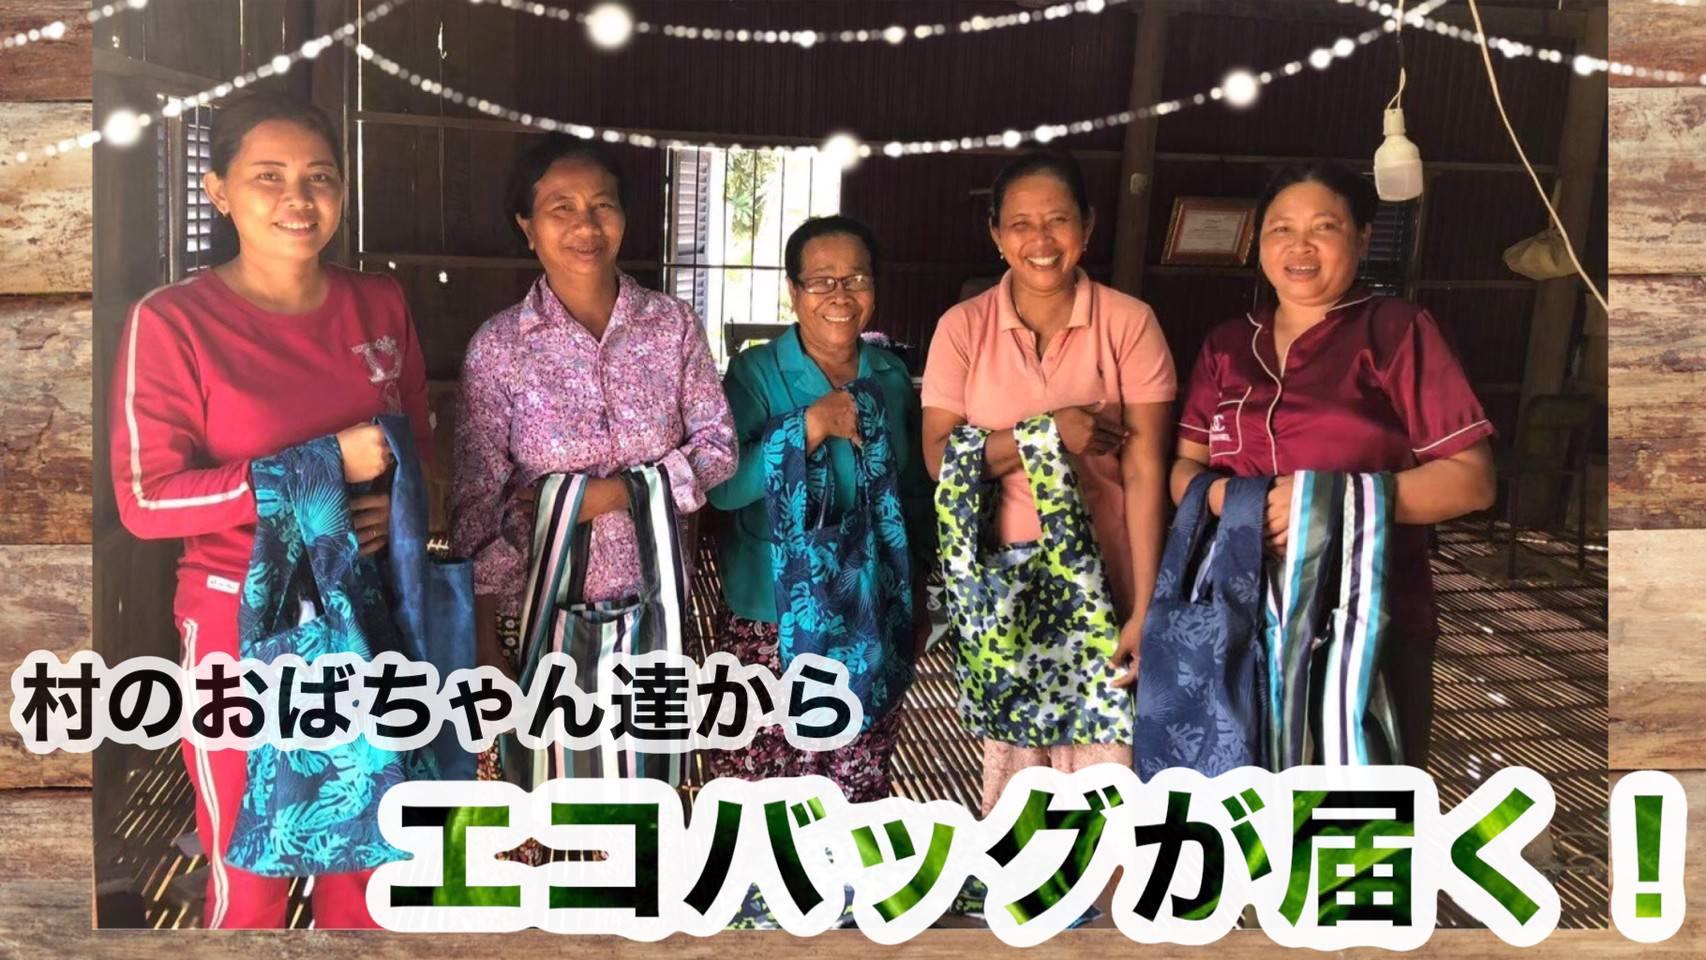 単発3,000円 ミシンプロジェクトの村のおばちゃん達からエコバックプレゼント